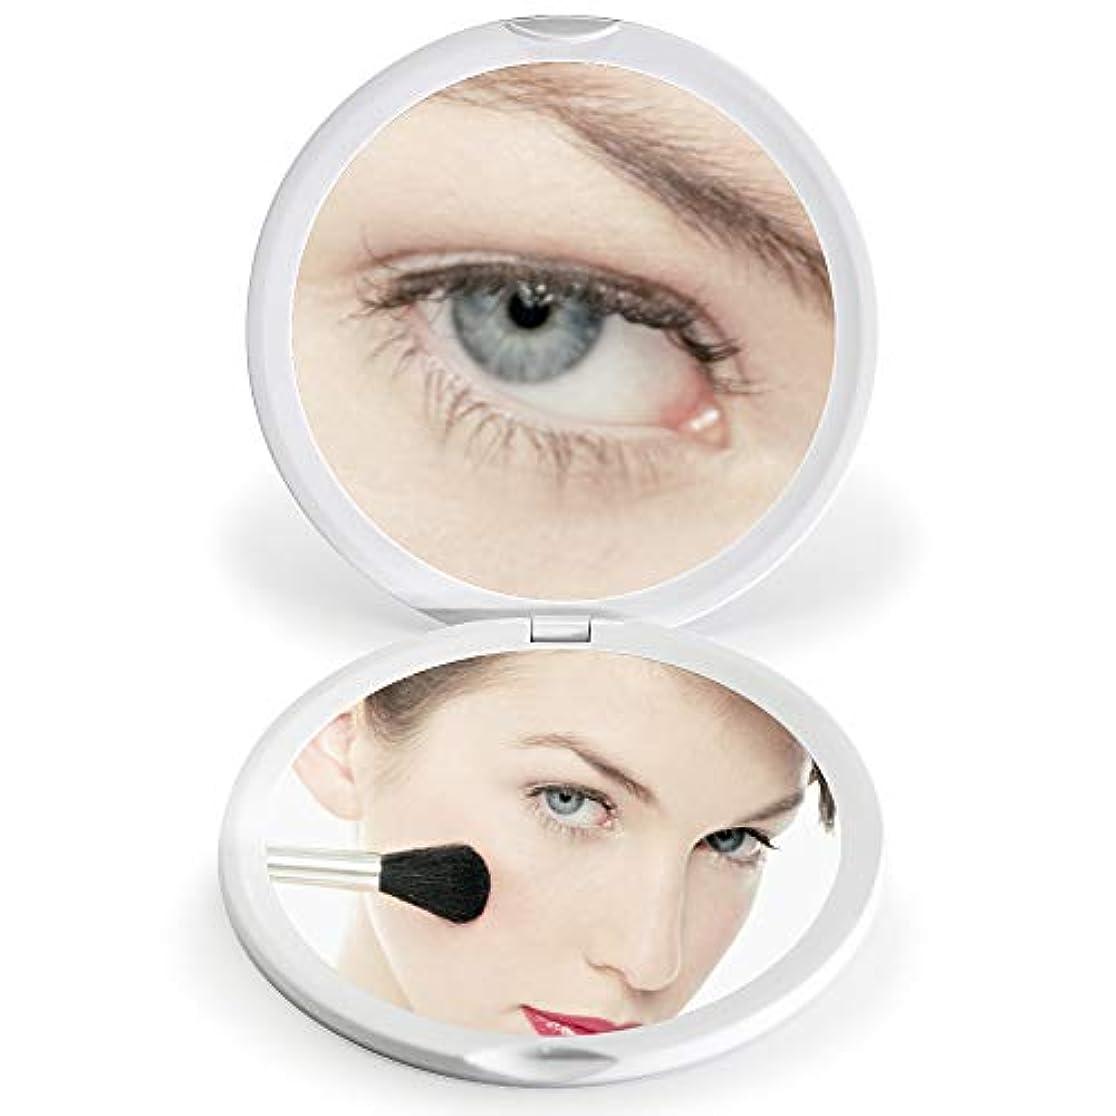 大胆な距離ノートFASCINATE 化粧鏡 化粧ミラー 鏡 女優ミラー 拡大鏡 10倍 明るさ調節可能 電池給電 (ホワイト)